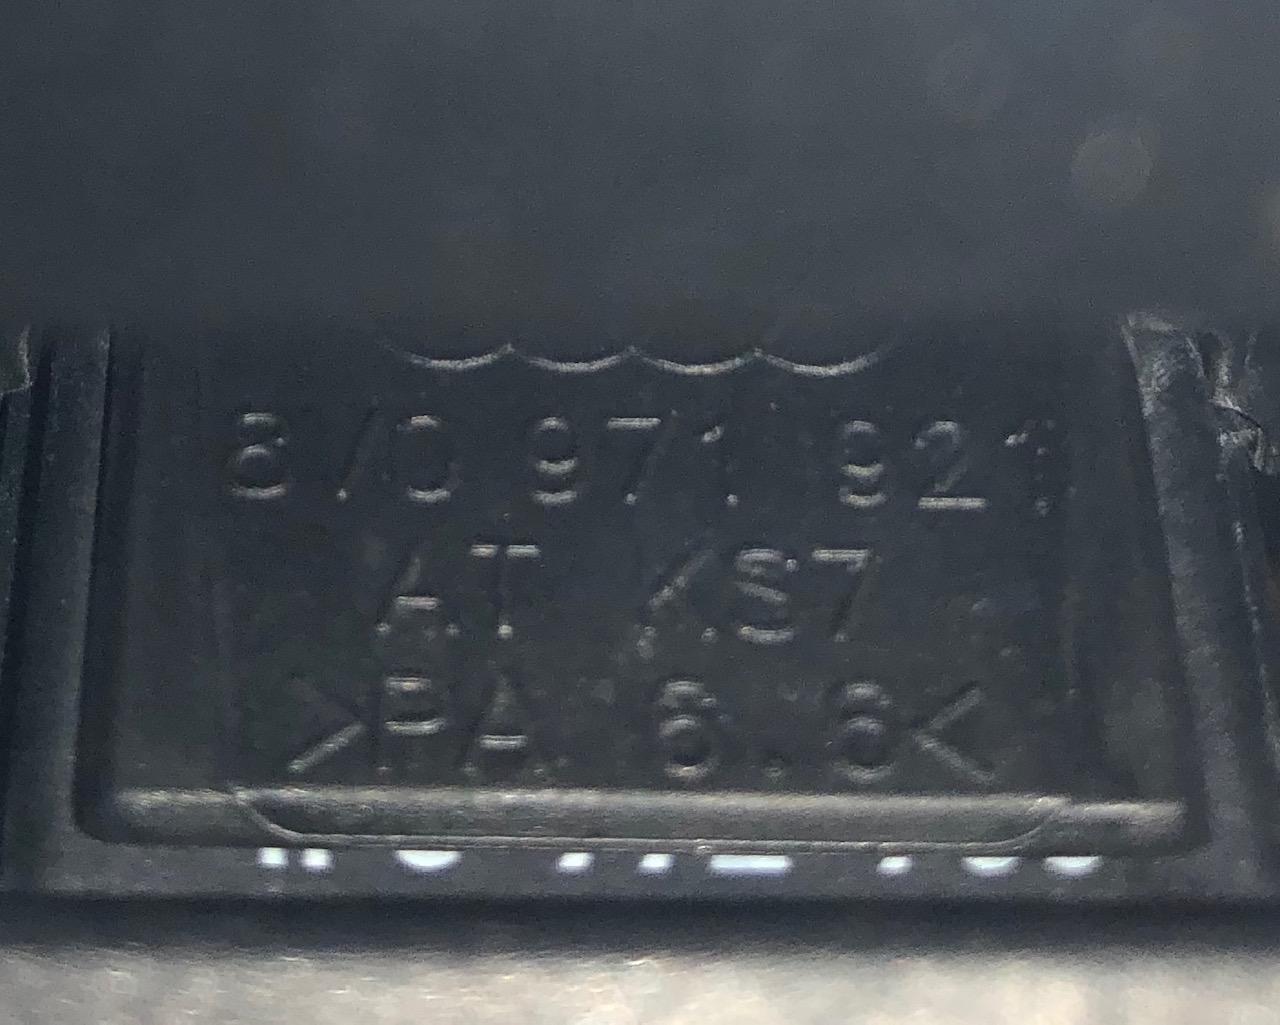 76C88D23-077D-4F25-BCDE-623DD962D543.jpeg